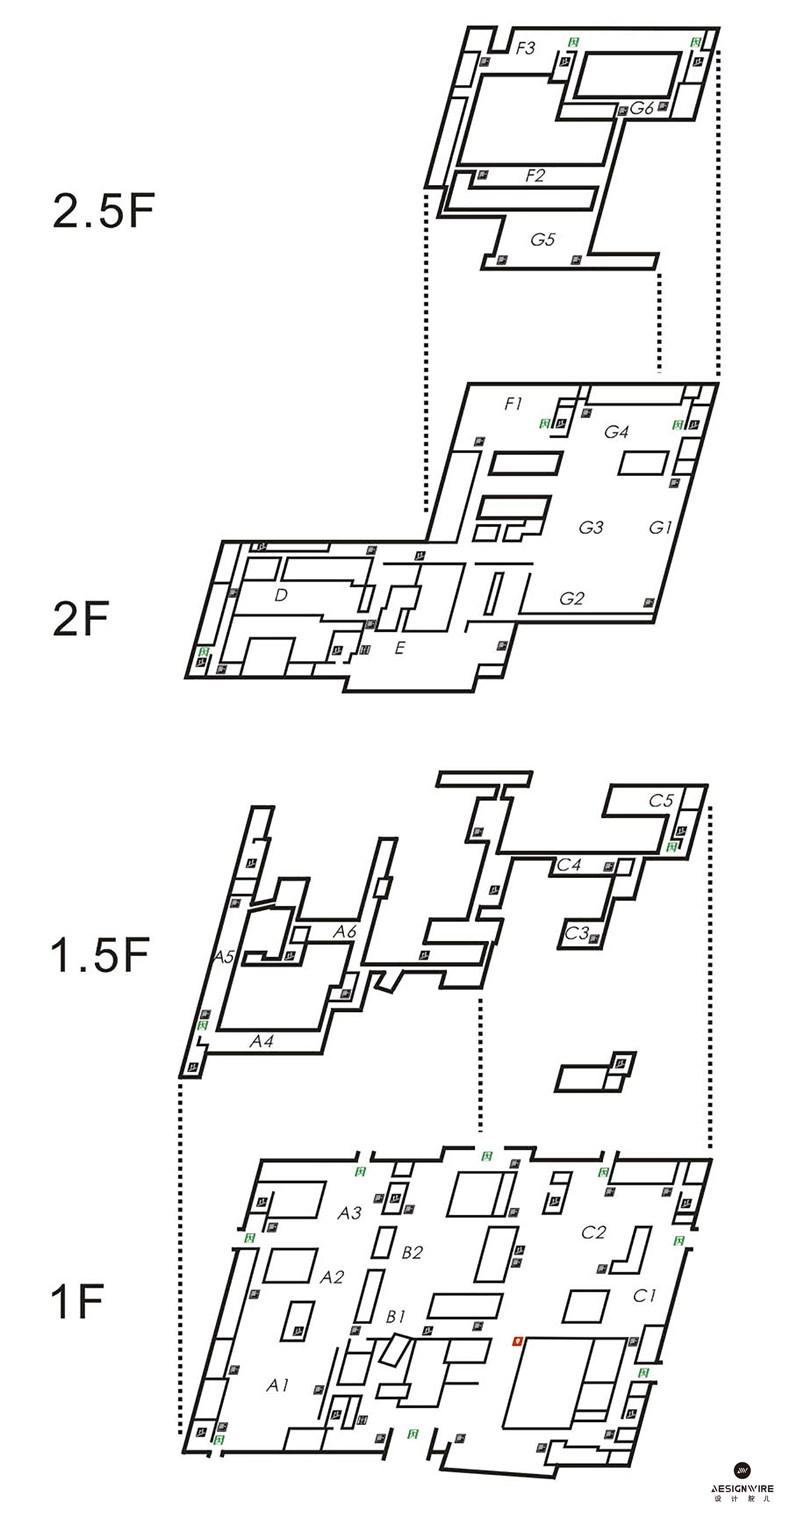 34楼层简图.jpg